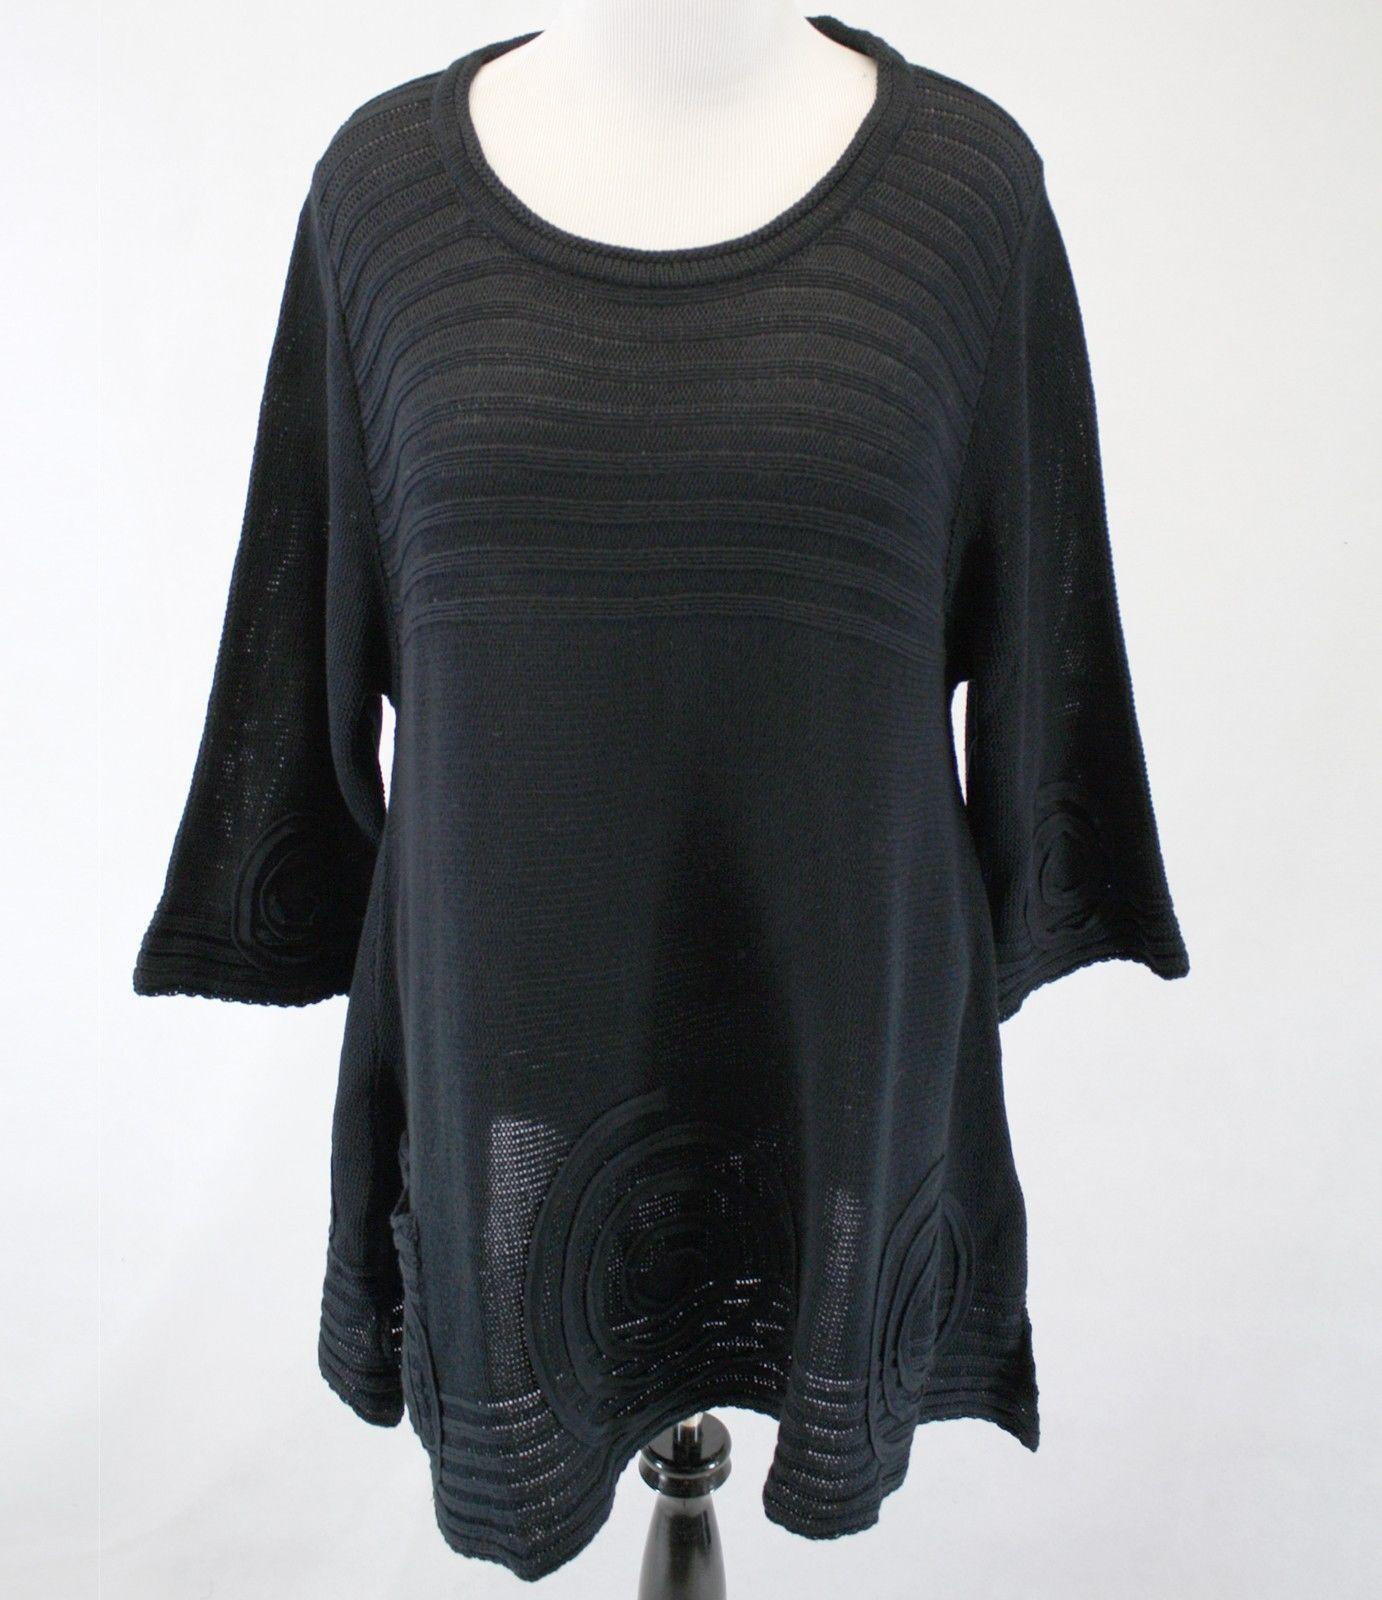 Nuevo Nuevo con  etiquetas Knithouse por Maria Dahlhoff en Capas Suéter azulsa Talla Grande 3 (1X)  respuestas rápidas